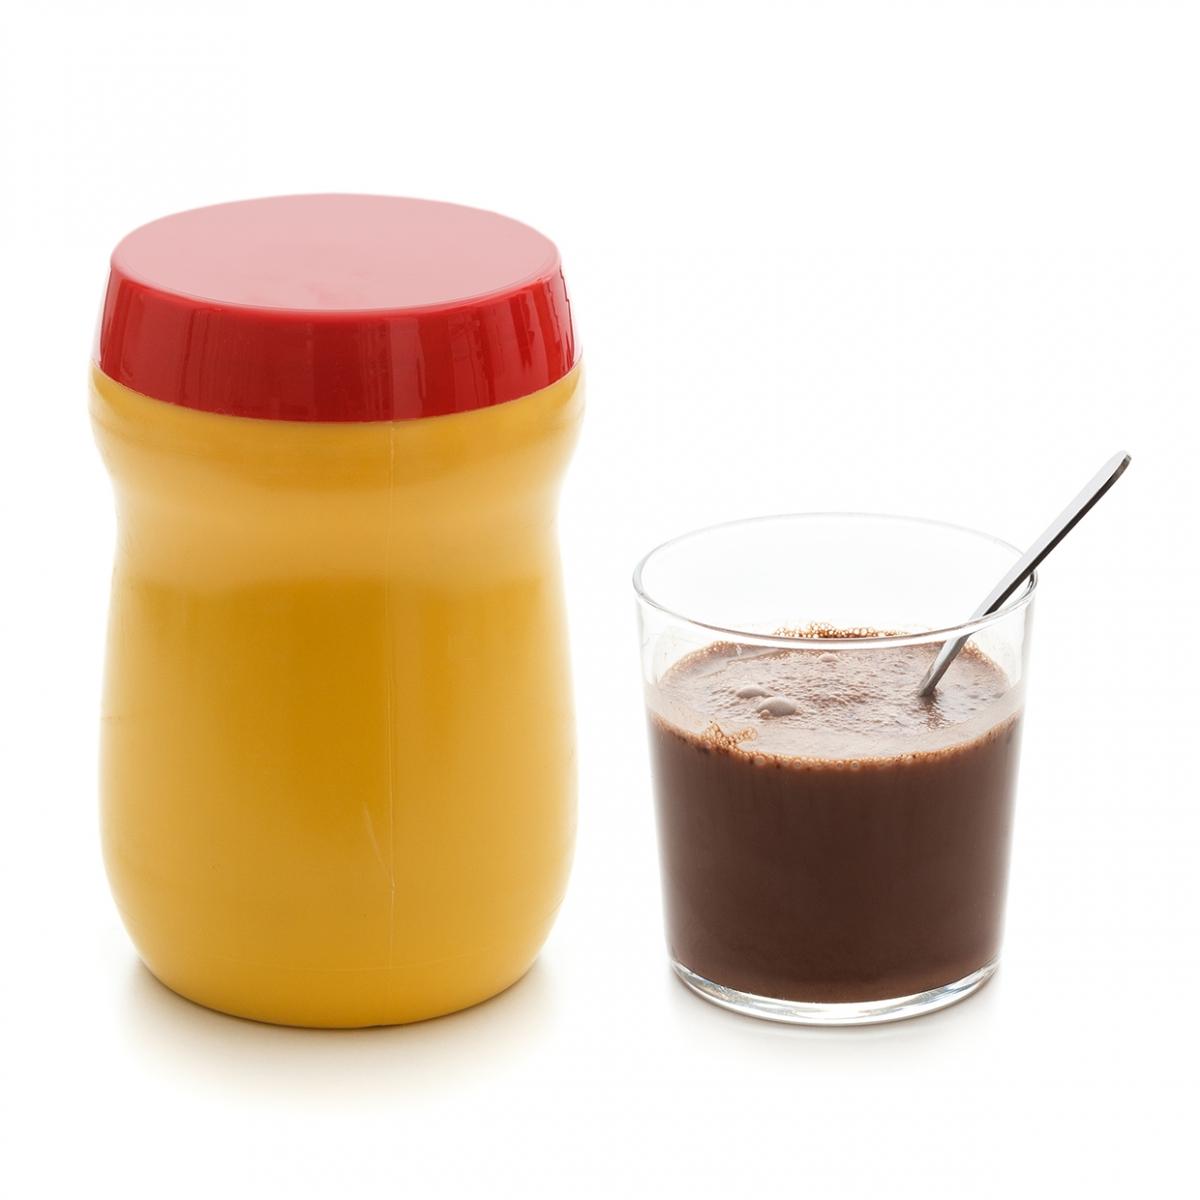 Imagen en la que se ve un bote de cacao con un vaso a su lado con cacao y una cucharilla en su interior